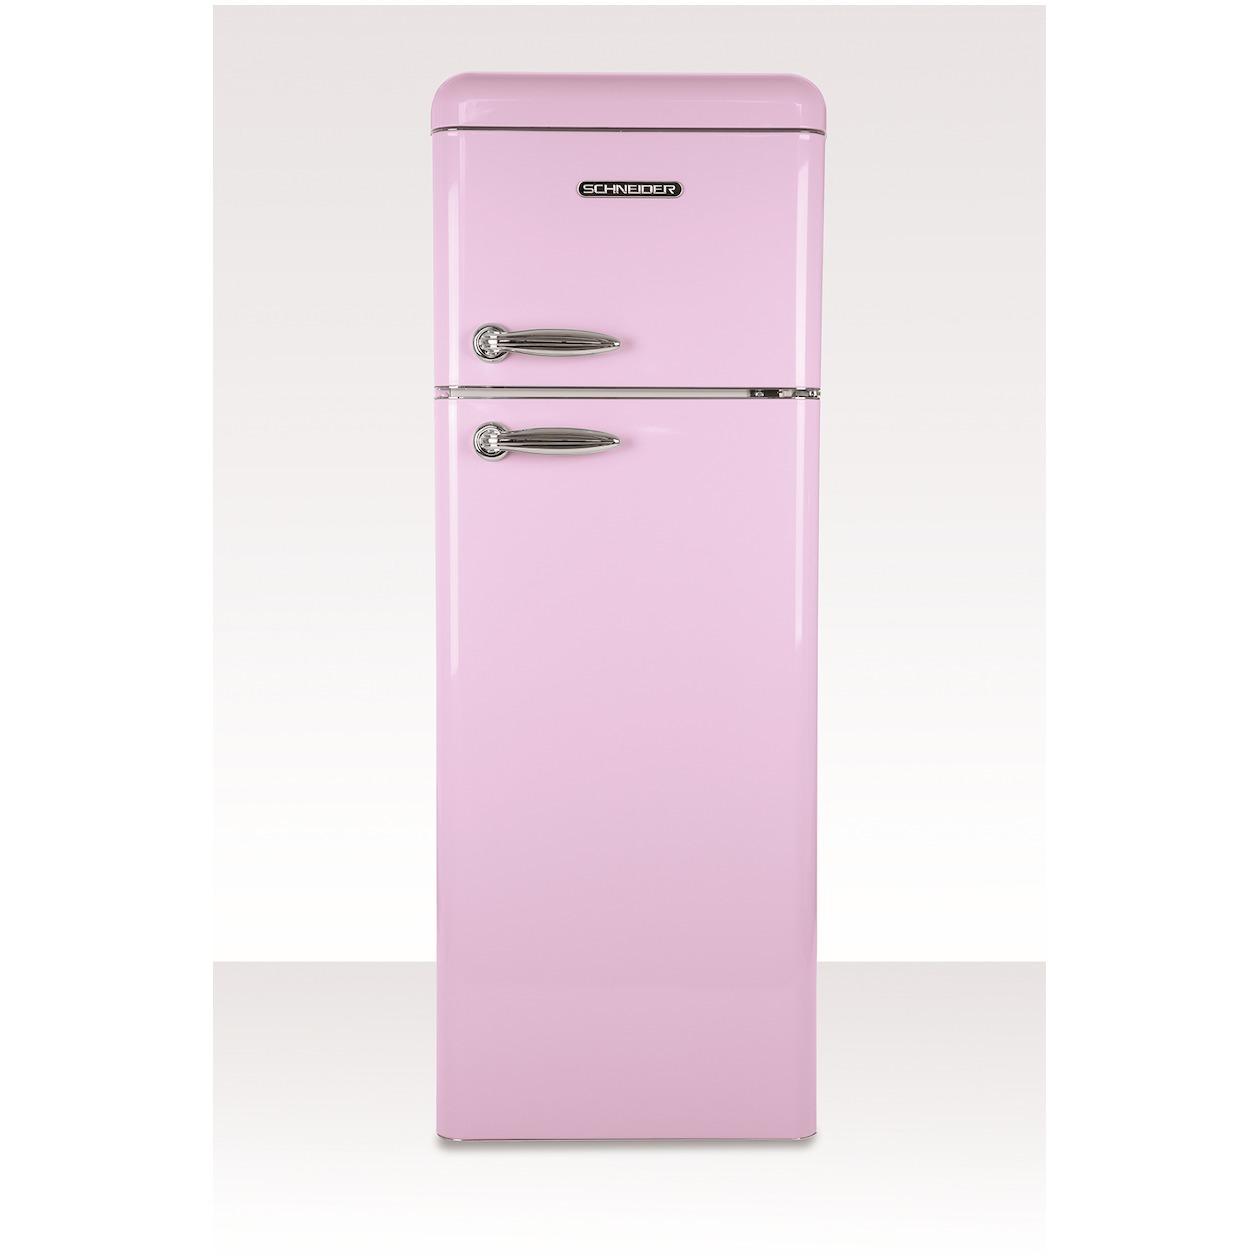 Schneider SDD 208 V2 SP A plus plus koelkast met vriesvak